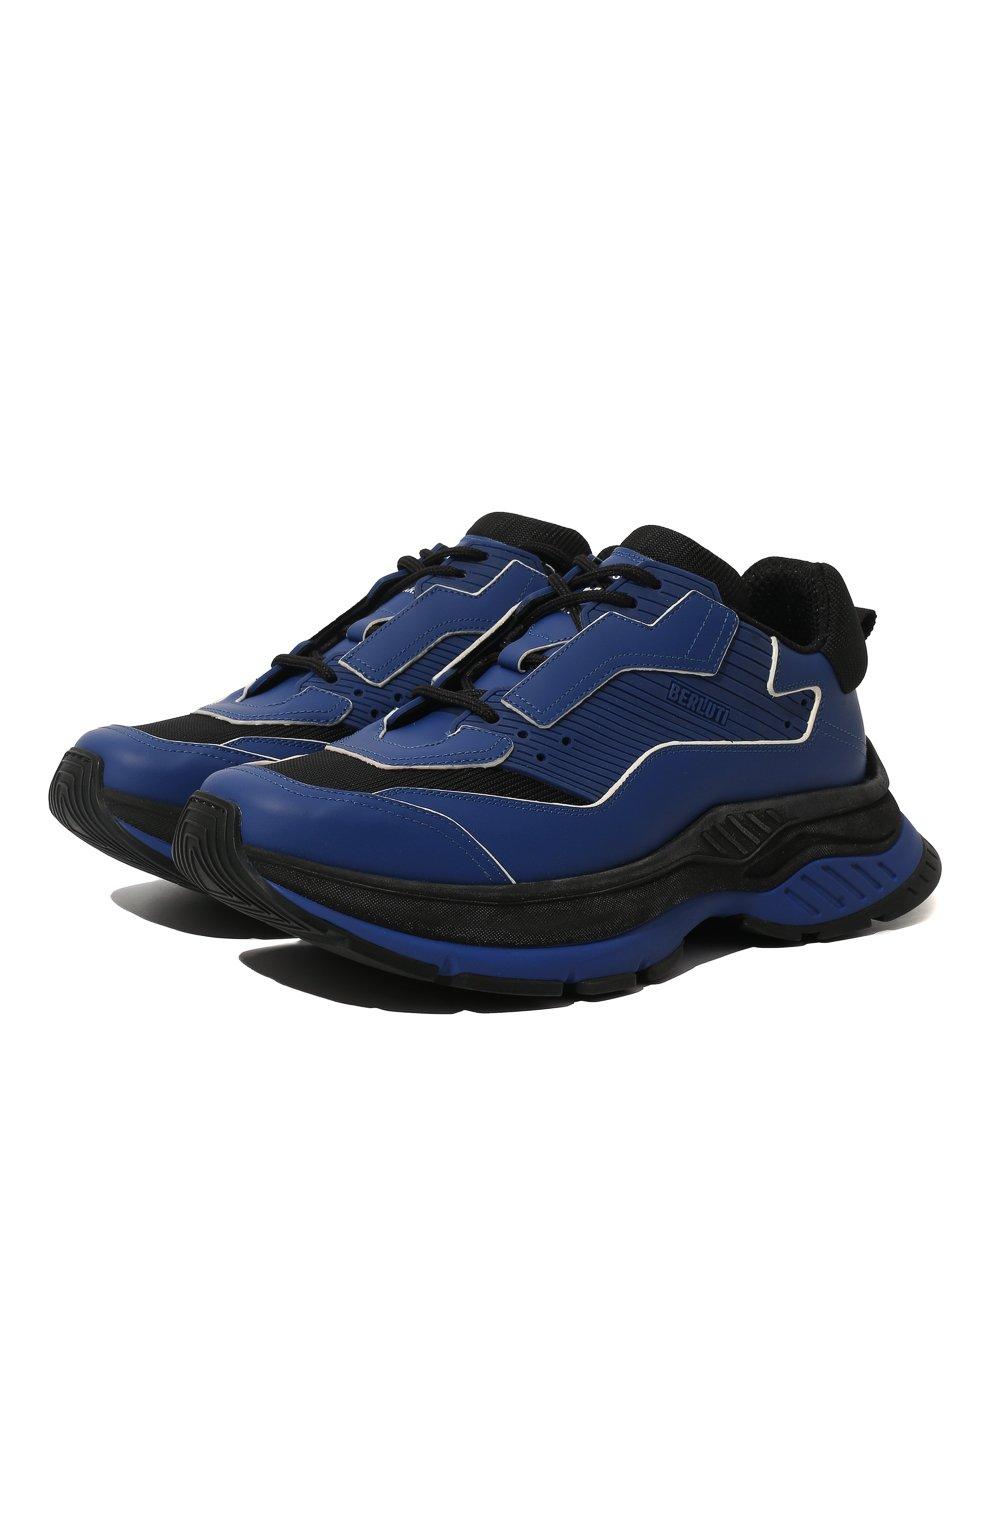 Мужские кожаные кроссовки BERLUTI синего цвета, арт. S4781-002 | Фото 1 (Материал внешний: Текстиль, Кожа; Материал внутренний: Натуральная кожа, Текстиль; Стили: Гранж; Статус проверки: Проверено, Проверена категория; Подошва: Массивная)